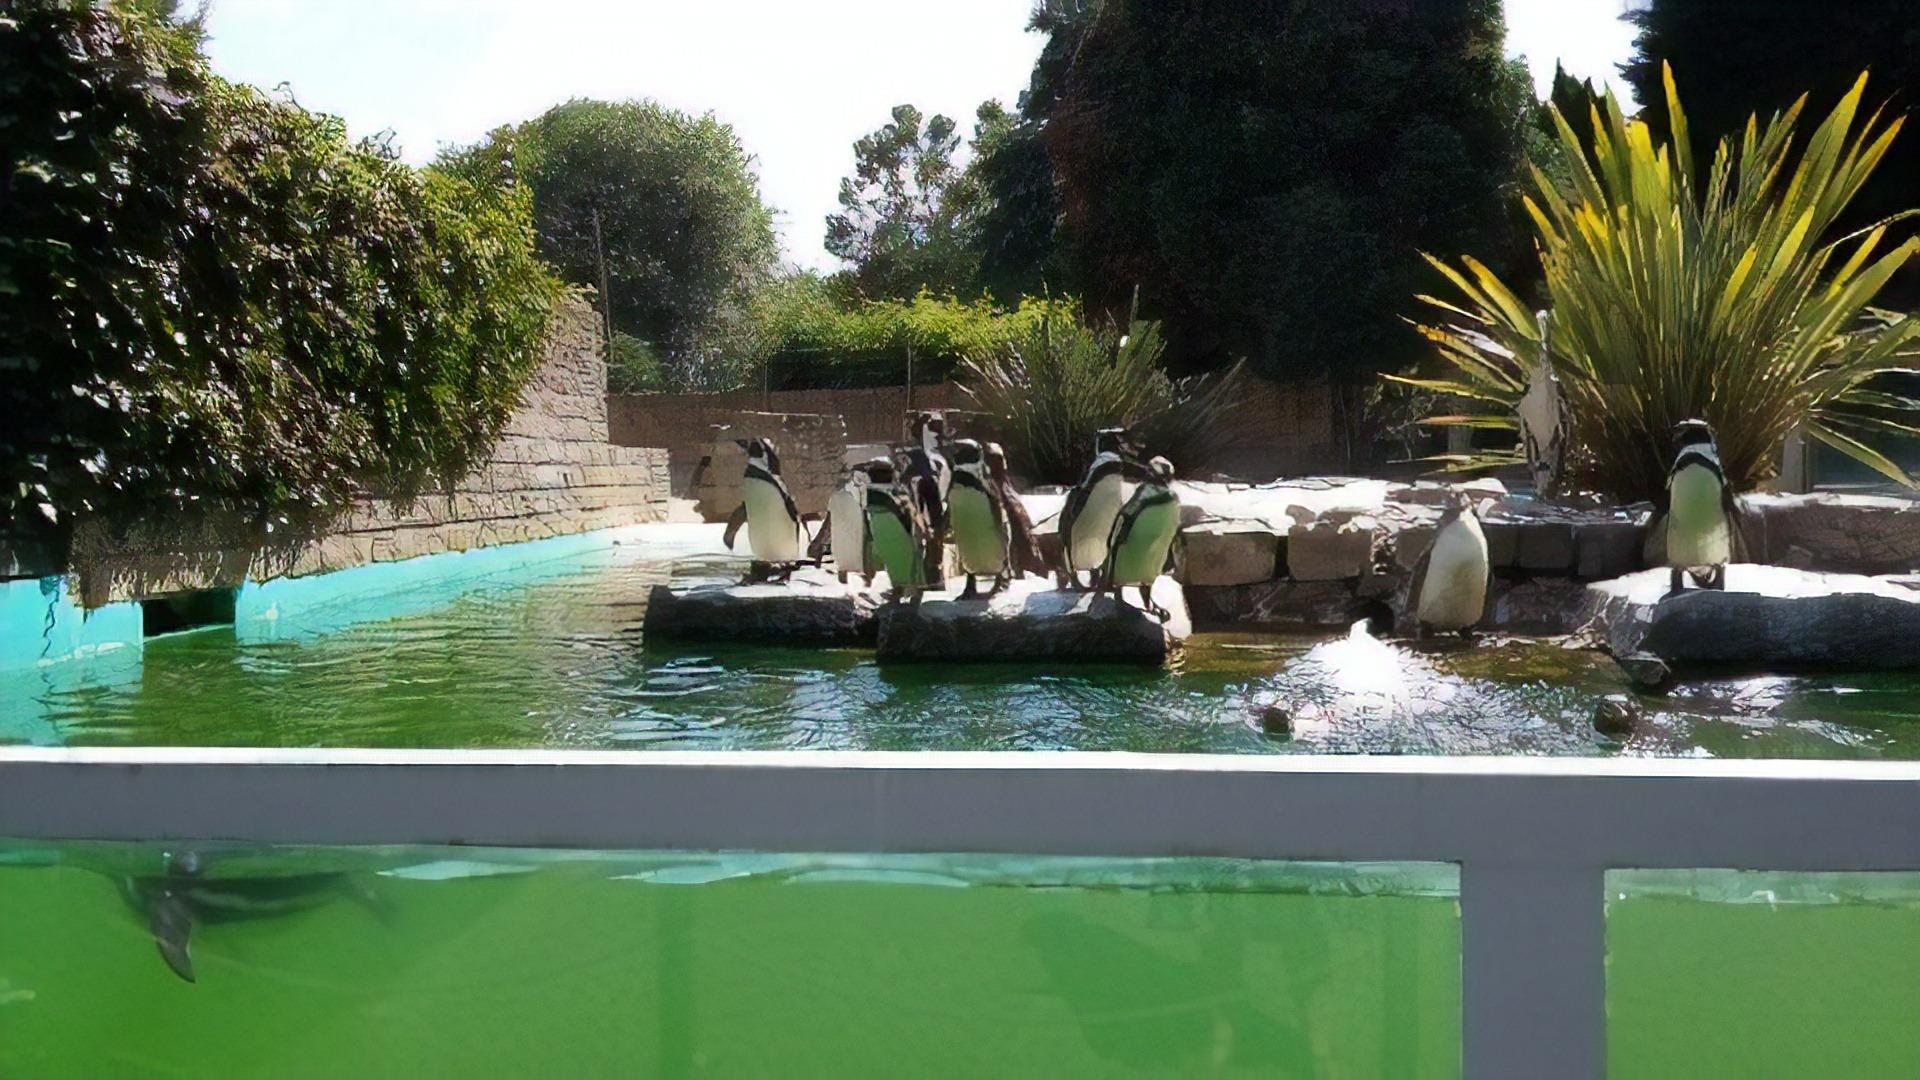 Humboldt penguins at Penguin Island